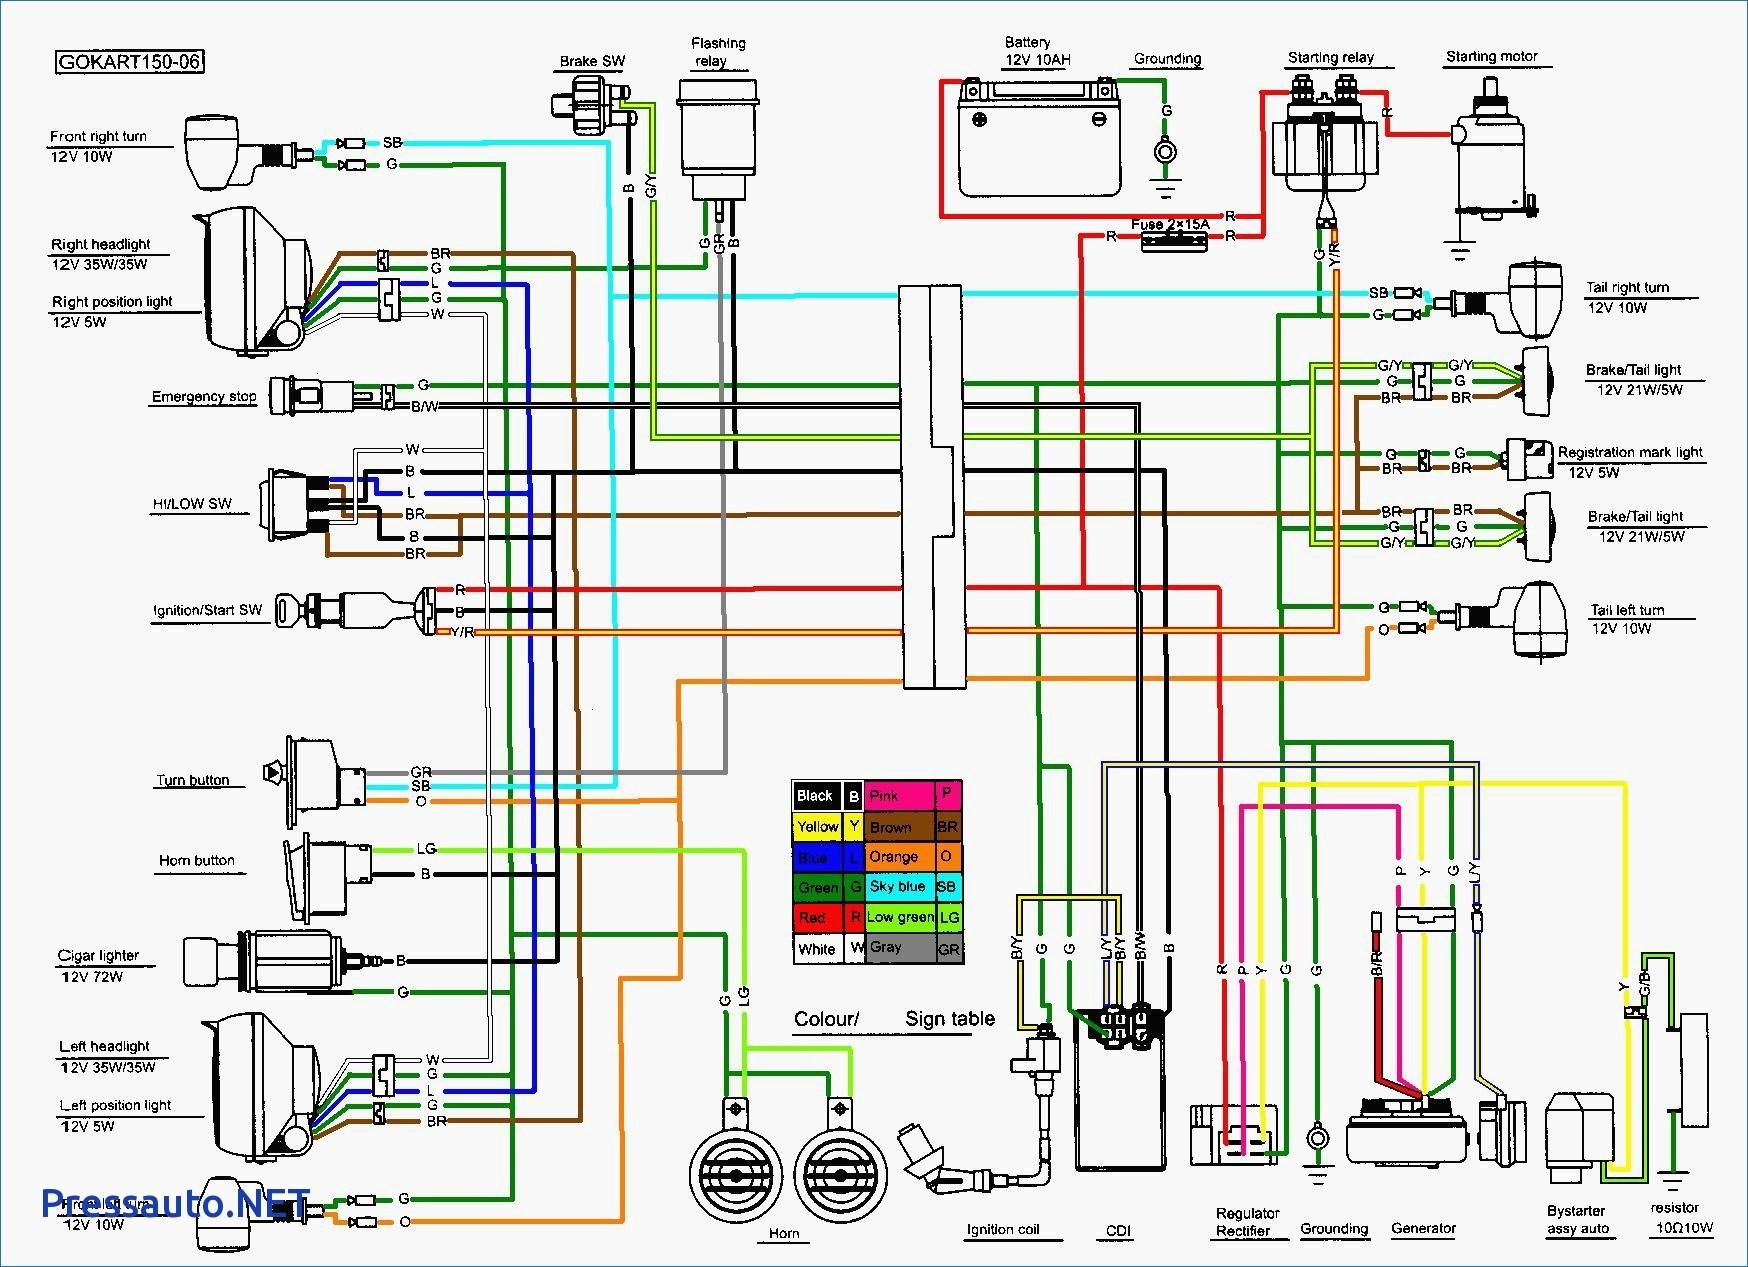 6 Wire Cdi Ignition Wiring Diagram Jpg Fit U003d1748 2C1267 U0026ssl U003d1 5 Pin